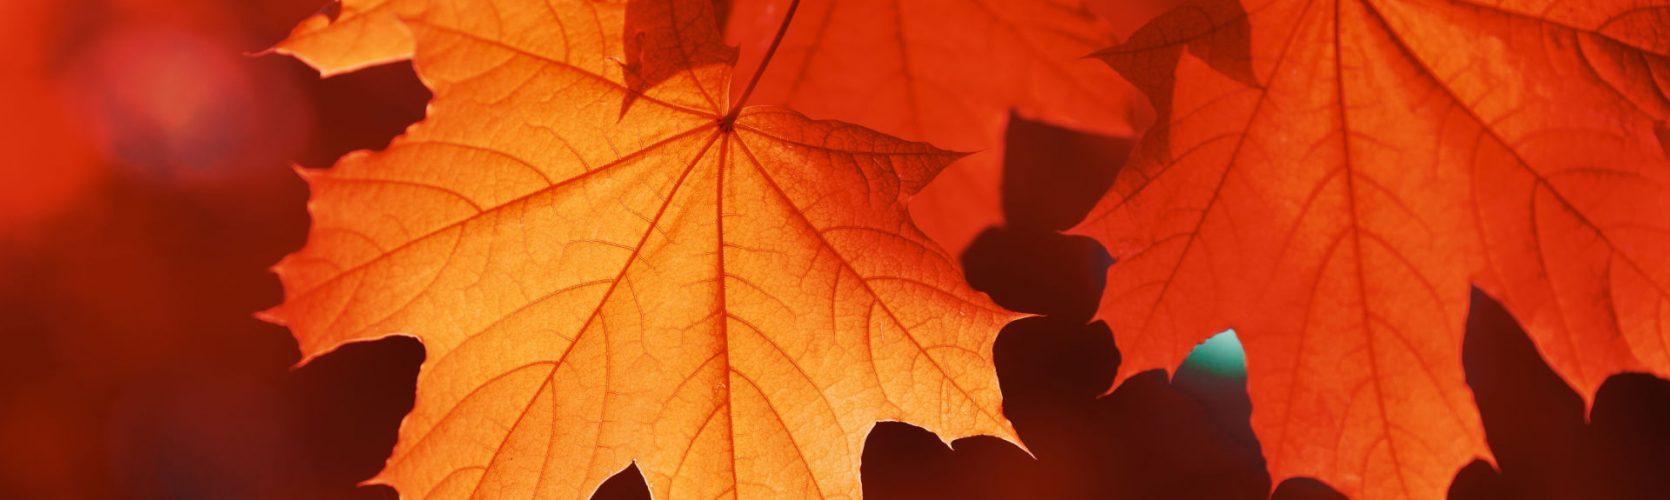 Muttart Foundation maple leaf red autumn